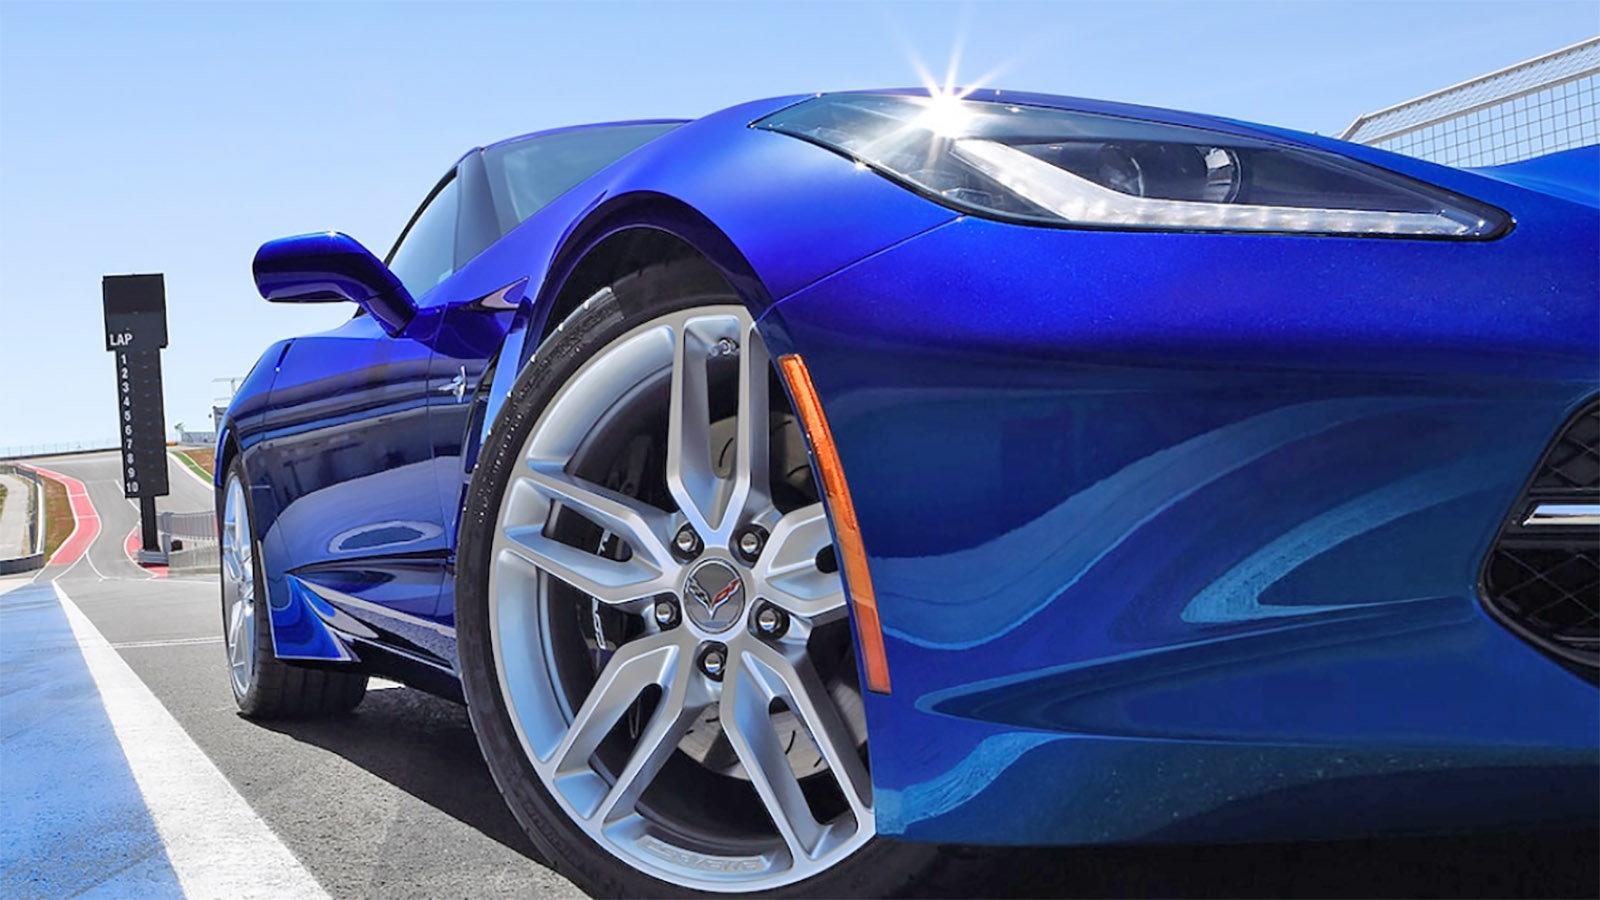 New Elkhart lake Blue Metallic Color for 2019